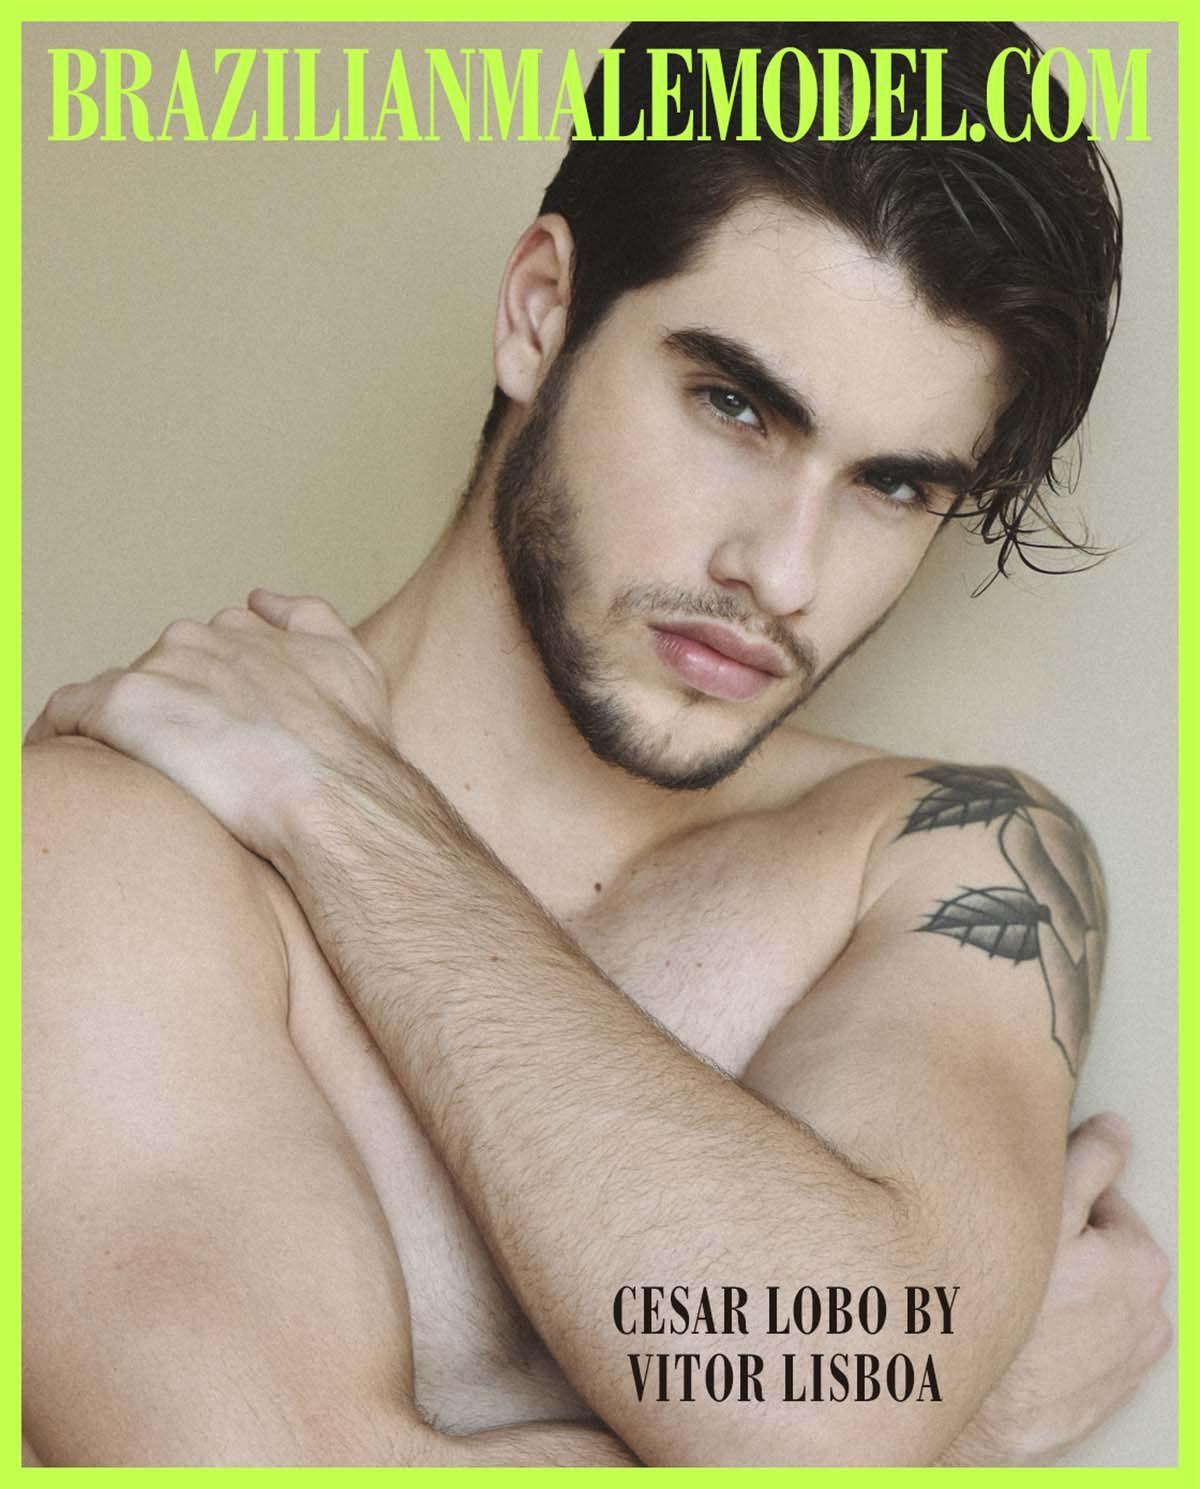 Cesar Lobo by Vitor Lisboa